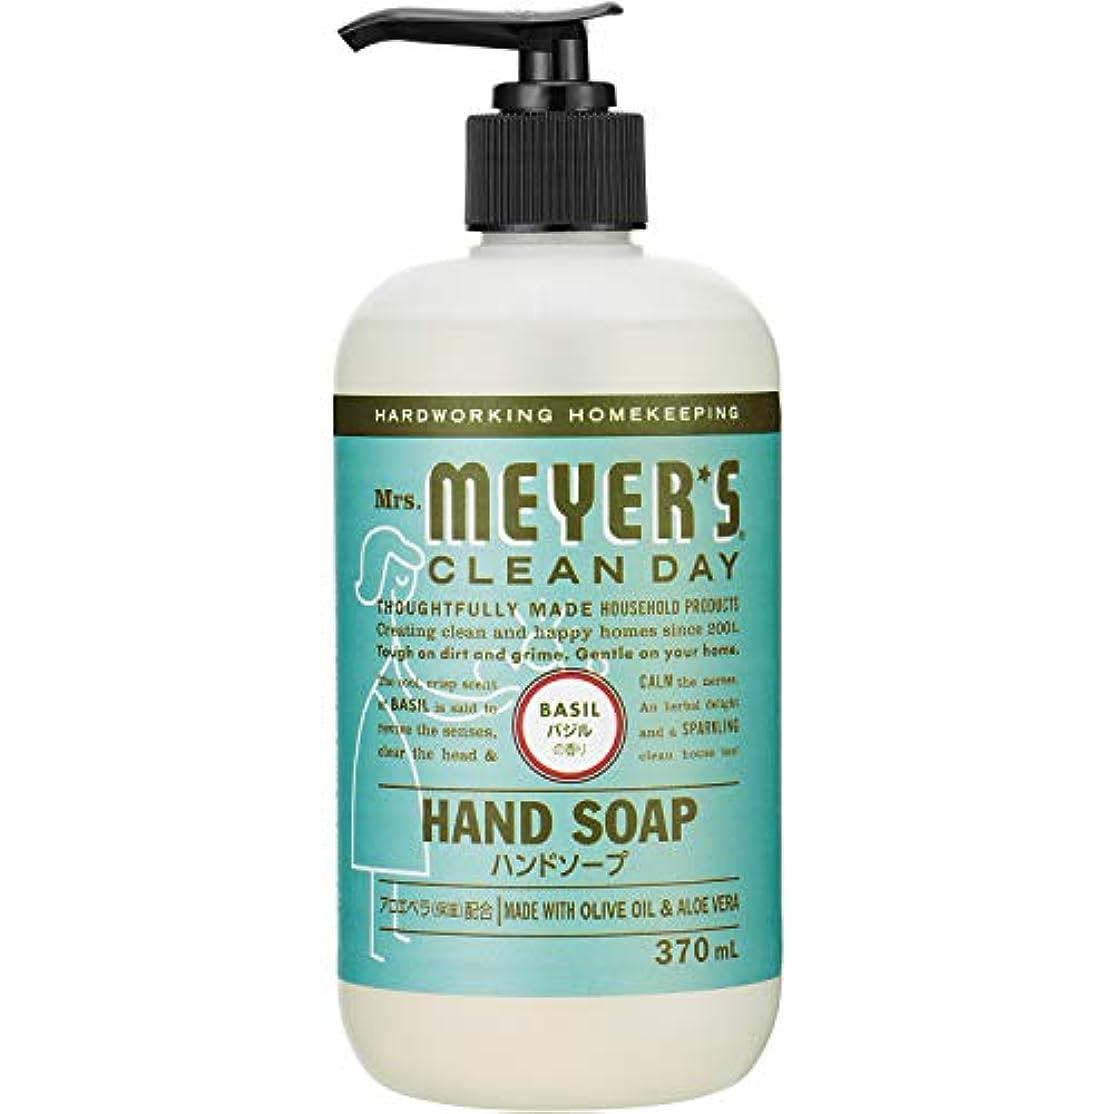 一次巨大単独でMrs. MEYER'S CLEAN DAY(ミセスマイヤーズ クリーンデイ) ミセスマイヤーズ クリーンデイ(Mrs.Meyers Clean Day) ハンドソープ バジルの香り 370ml